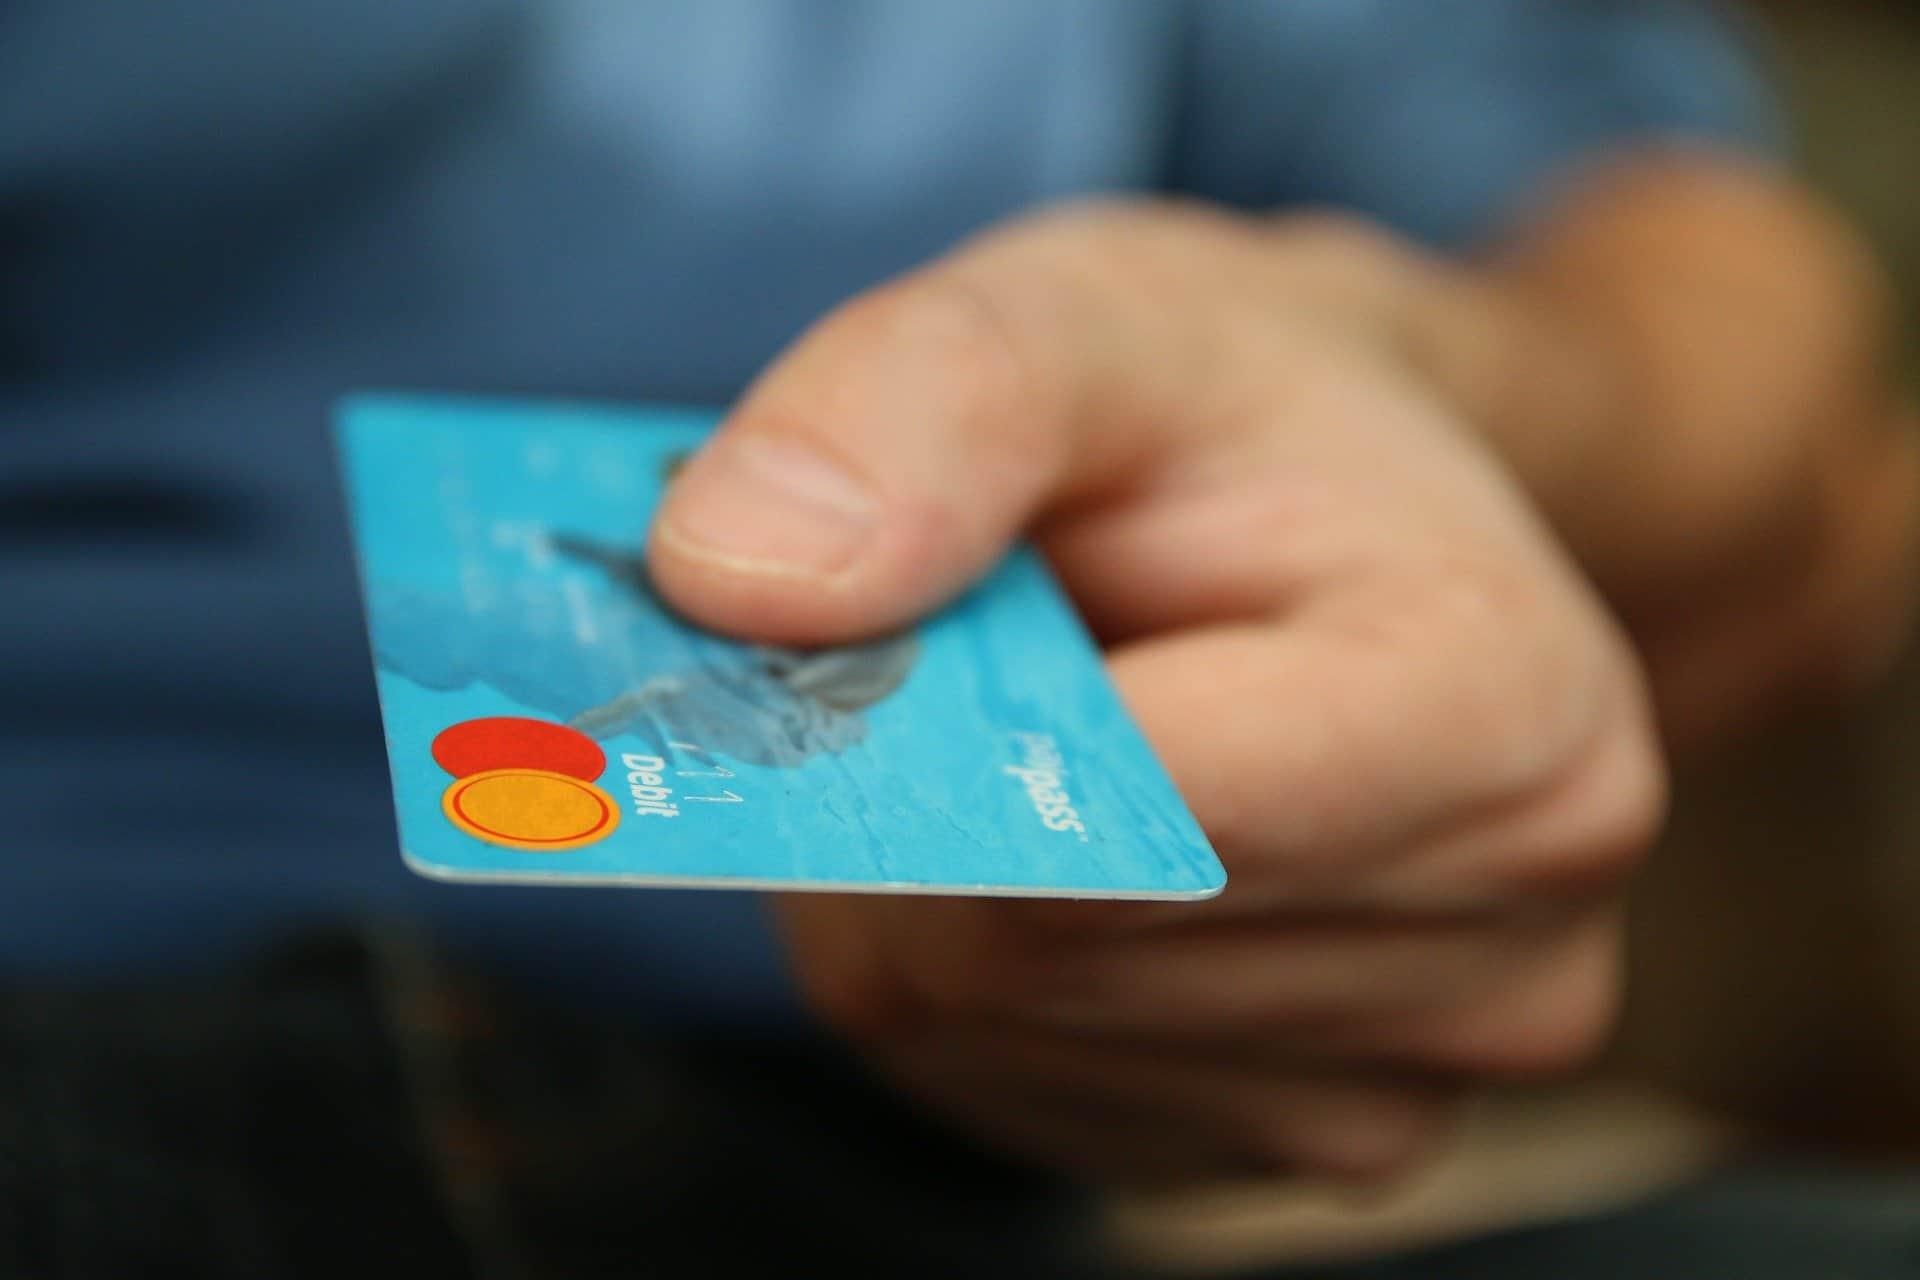 FIM das dívidas? Serasa libera pagamento de qualquer dívida por R$100